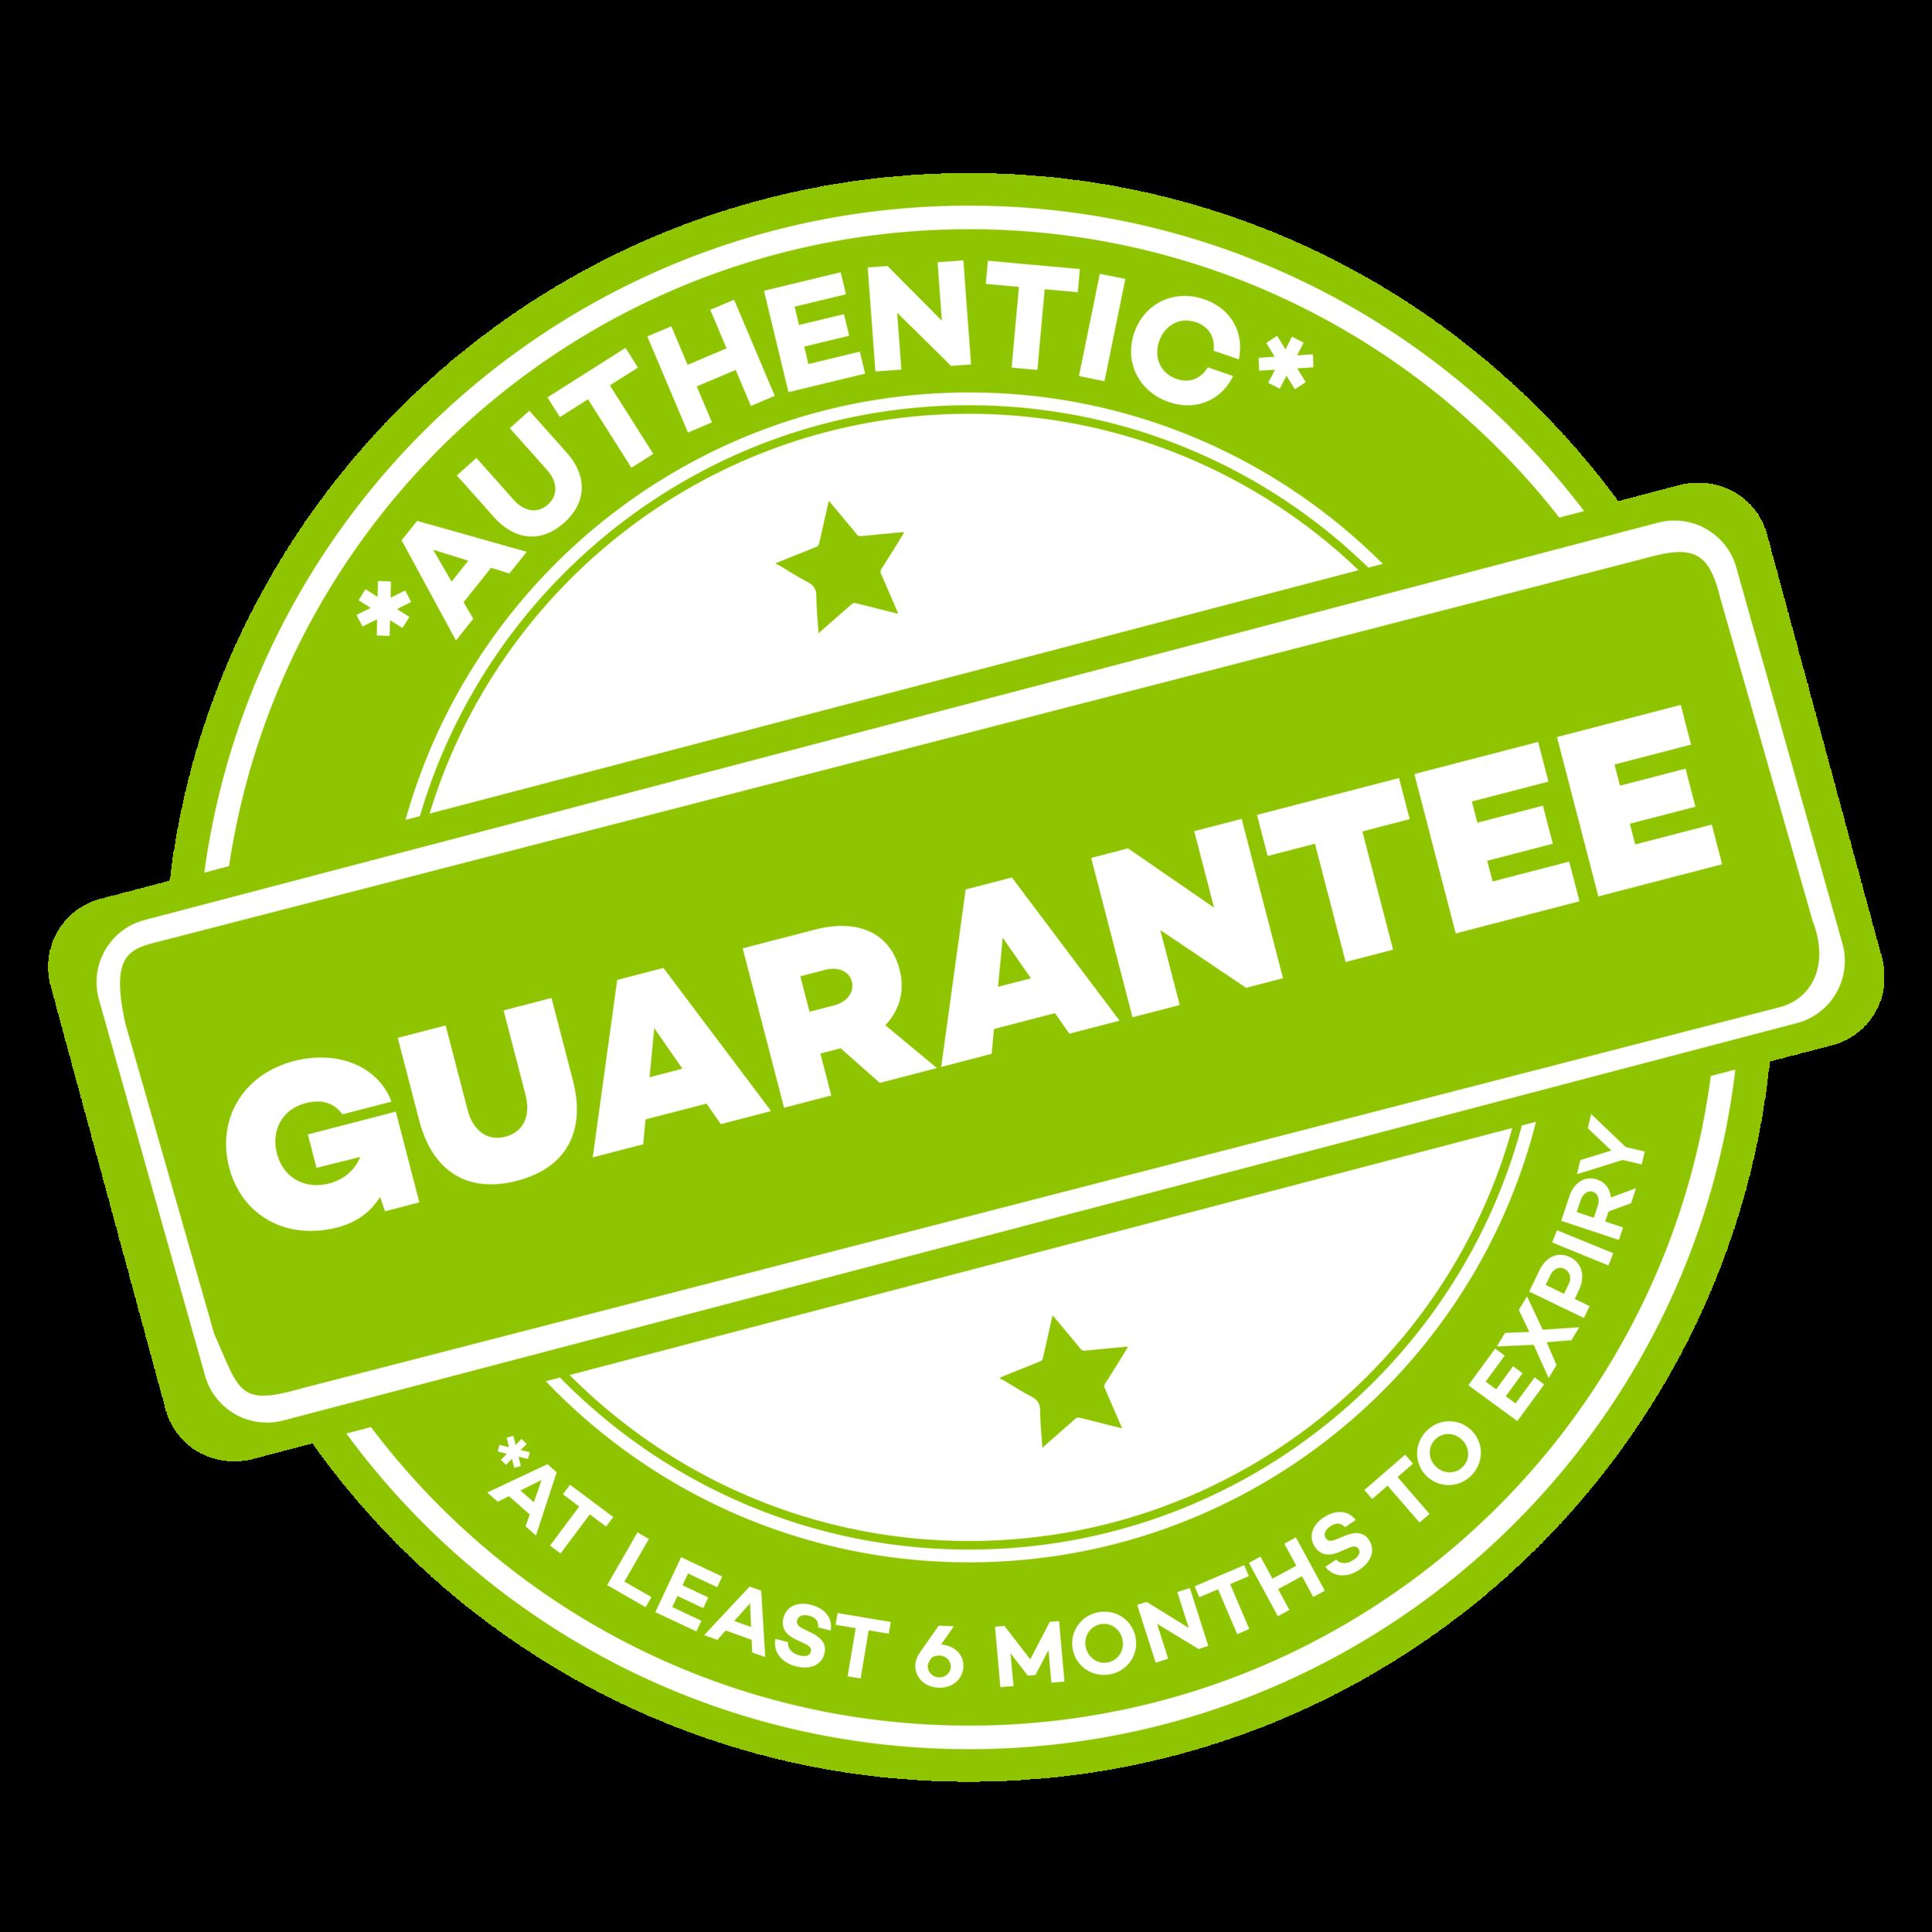 Guarantee200x200.png